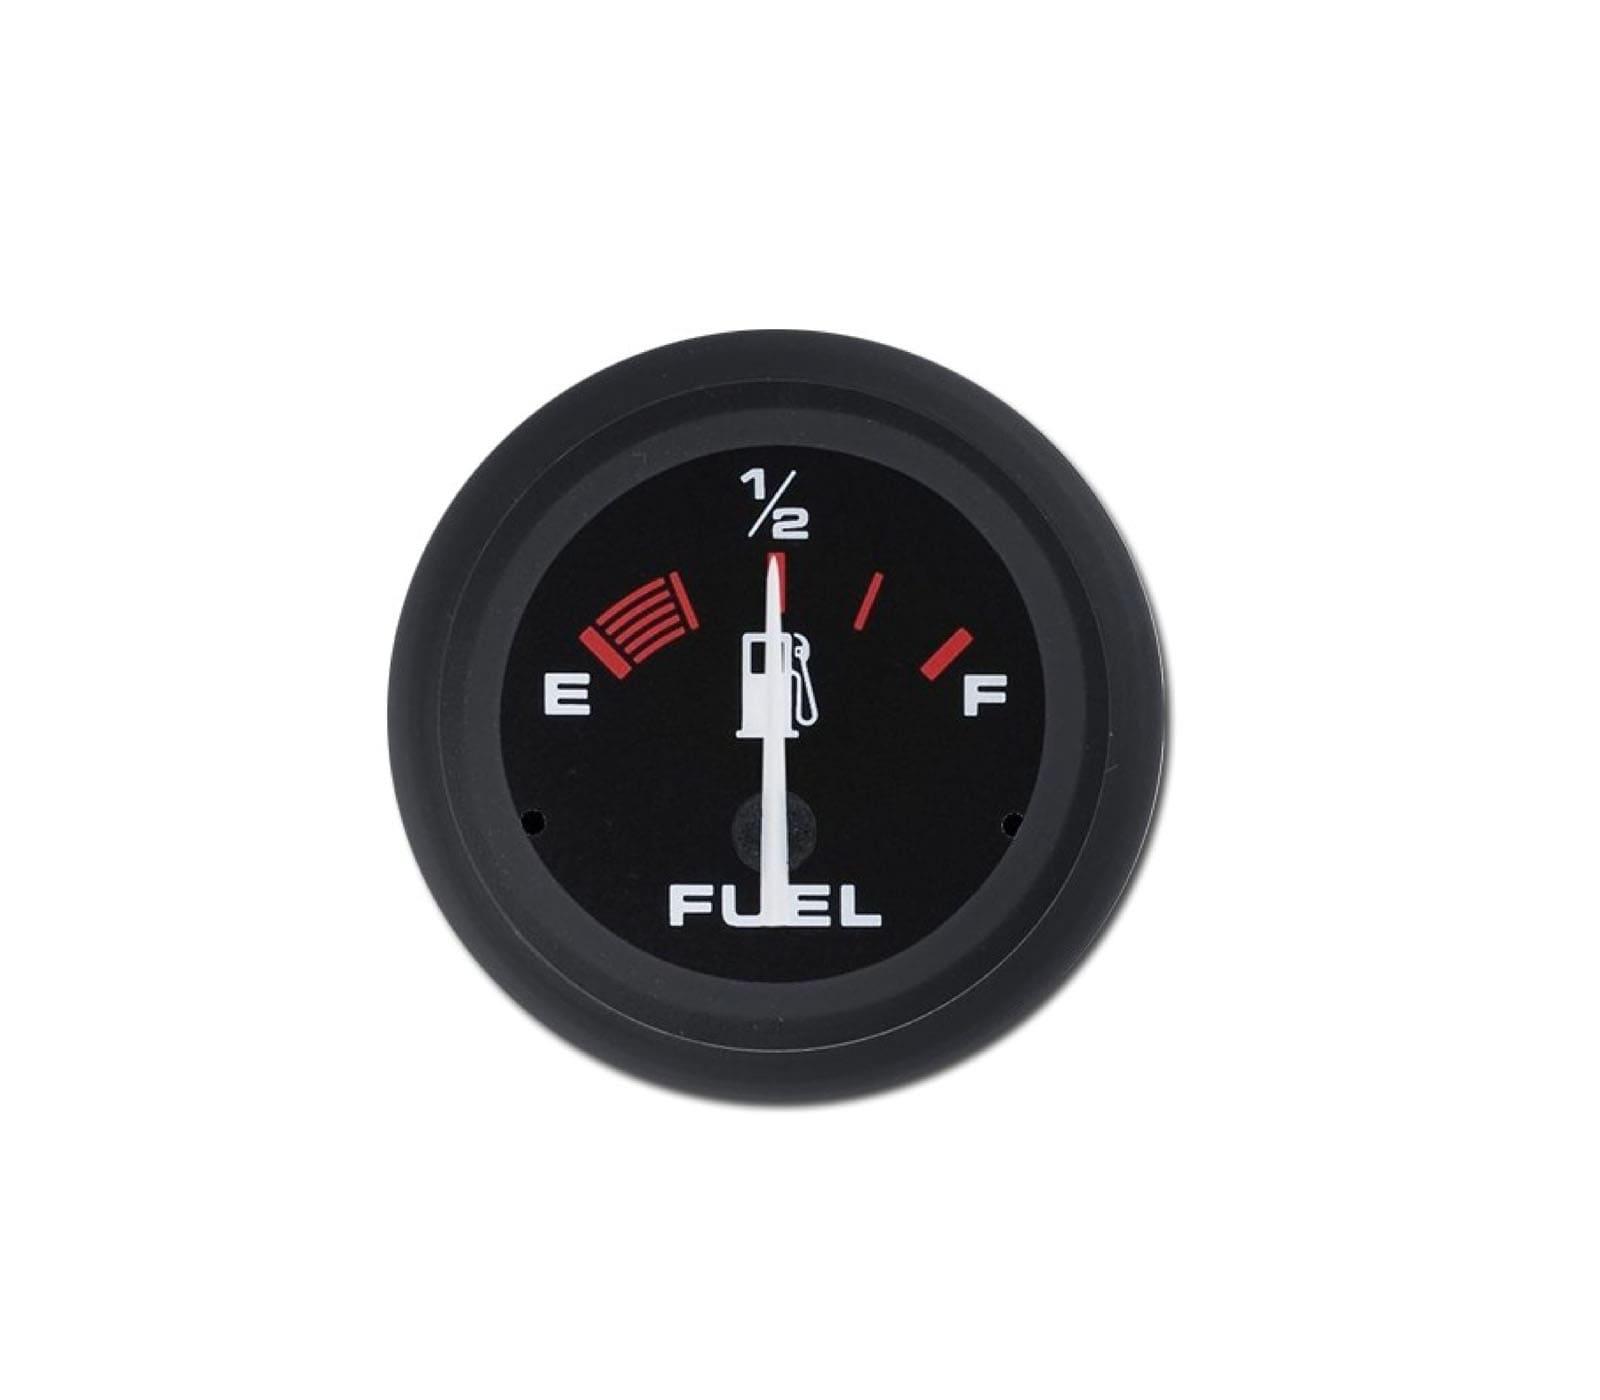 Tankanzeige / Kraftstoffgeber